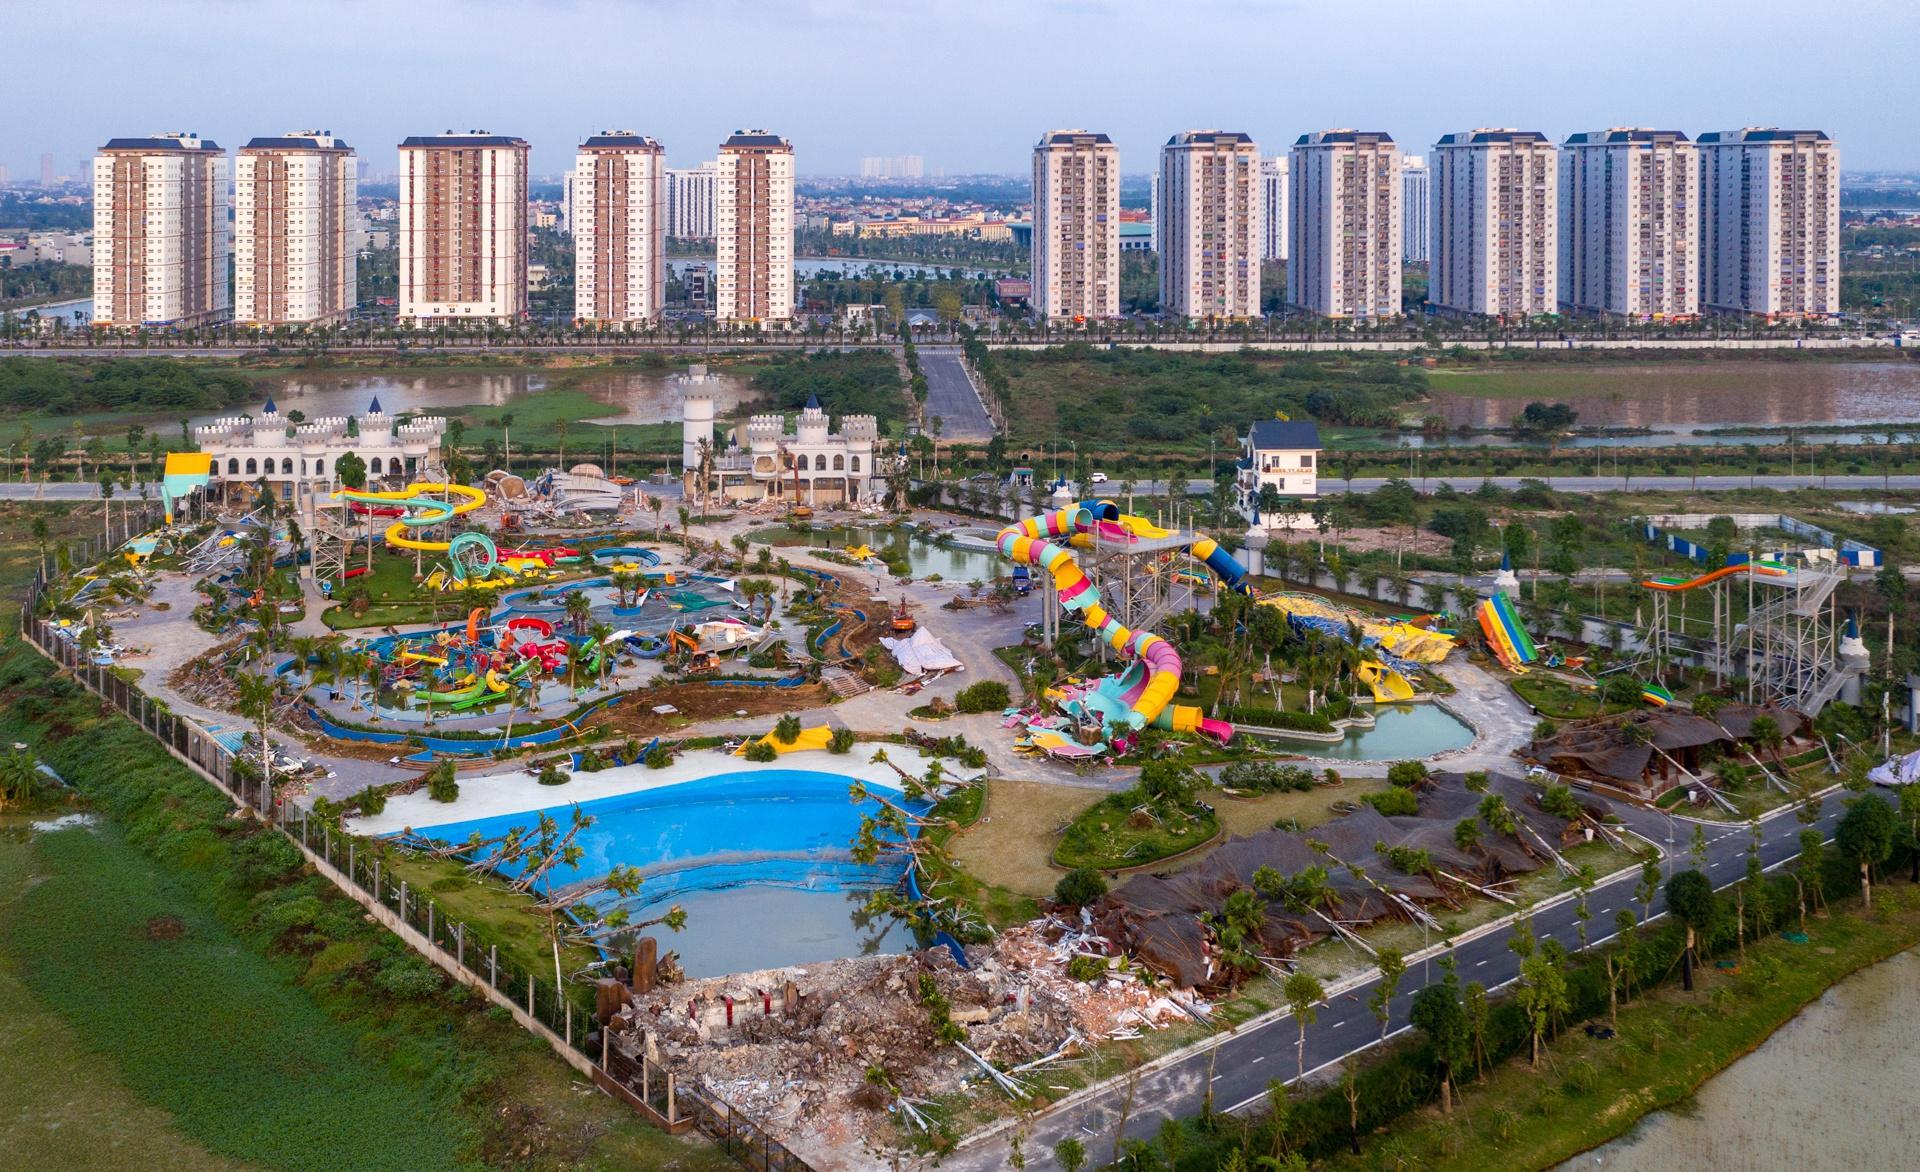 Sai phạm tại Công viên nước Thanh Hà khiến nhiều cán bộ quận Hà Đông bị xử lý. Ảnh: Việt Linh.